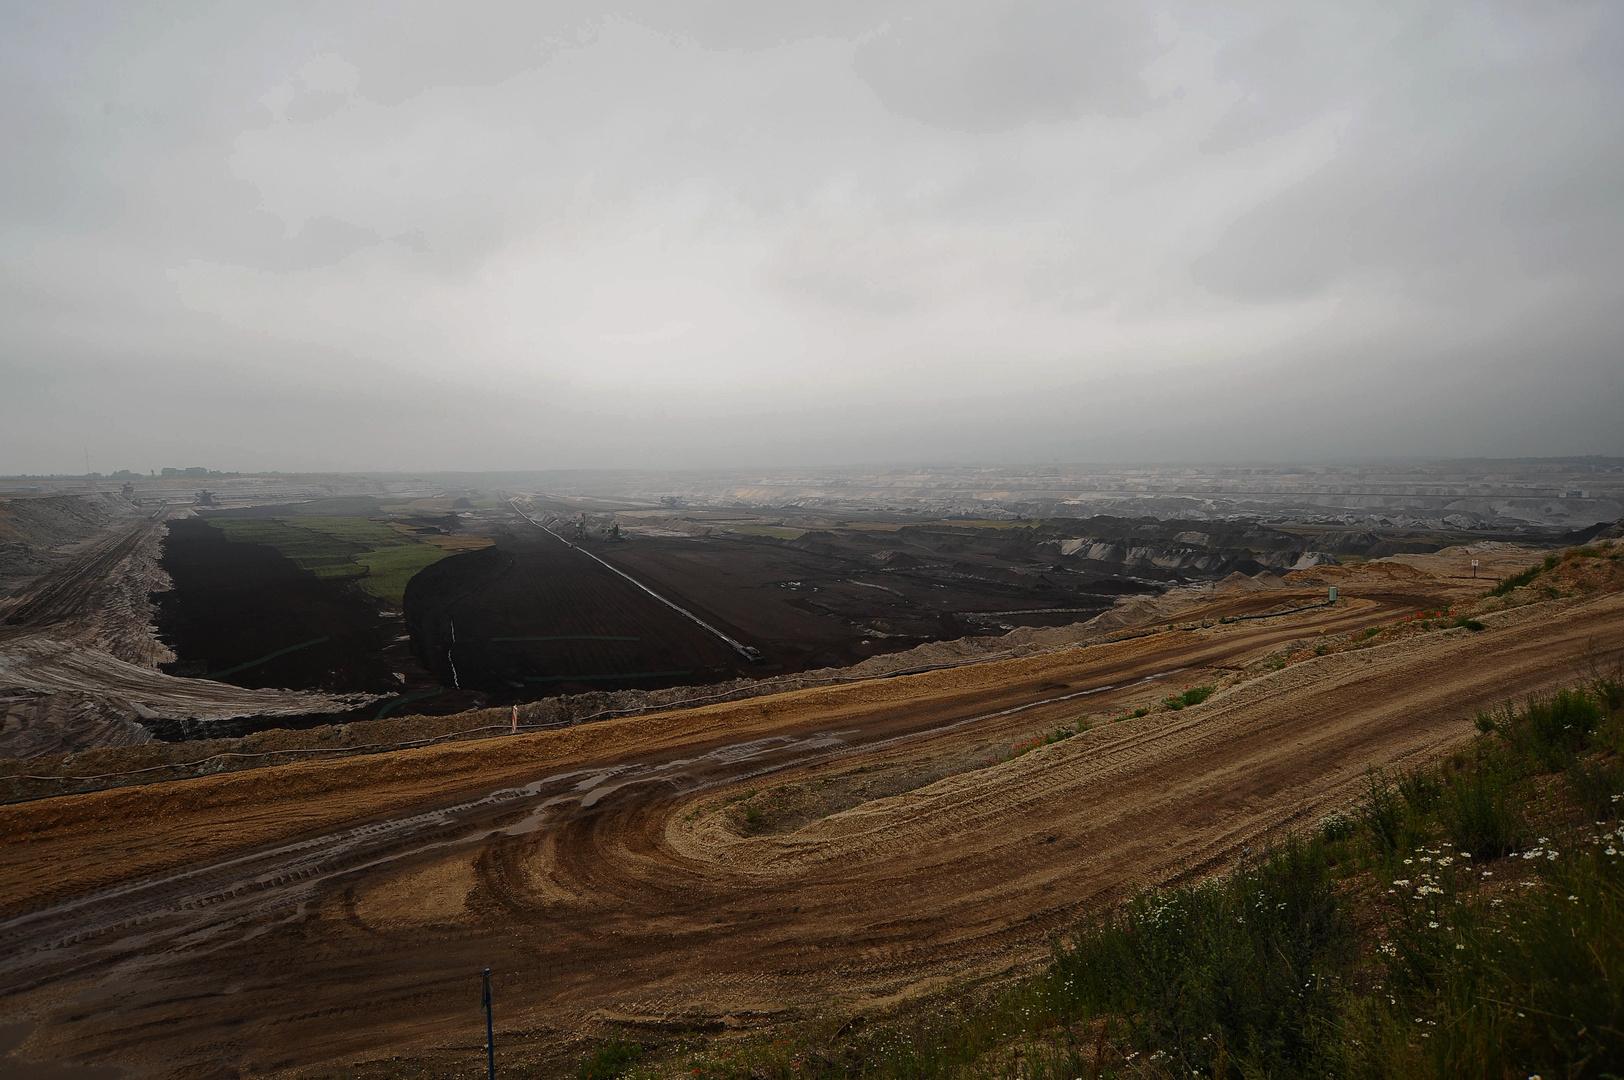 Regenwolken über Schleenhain